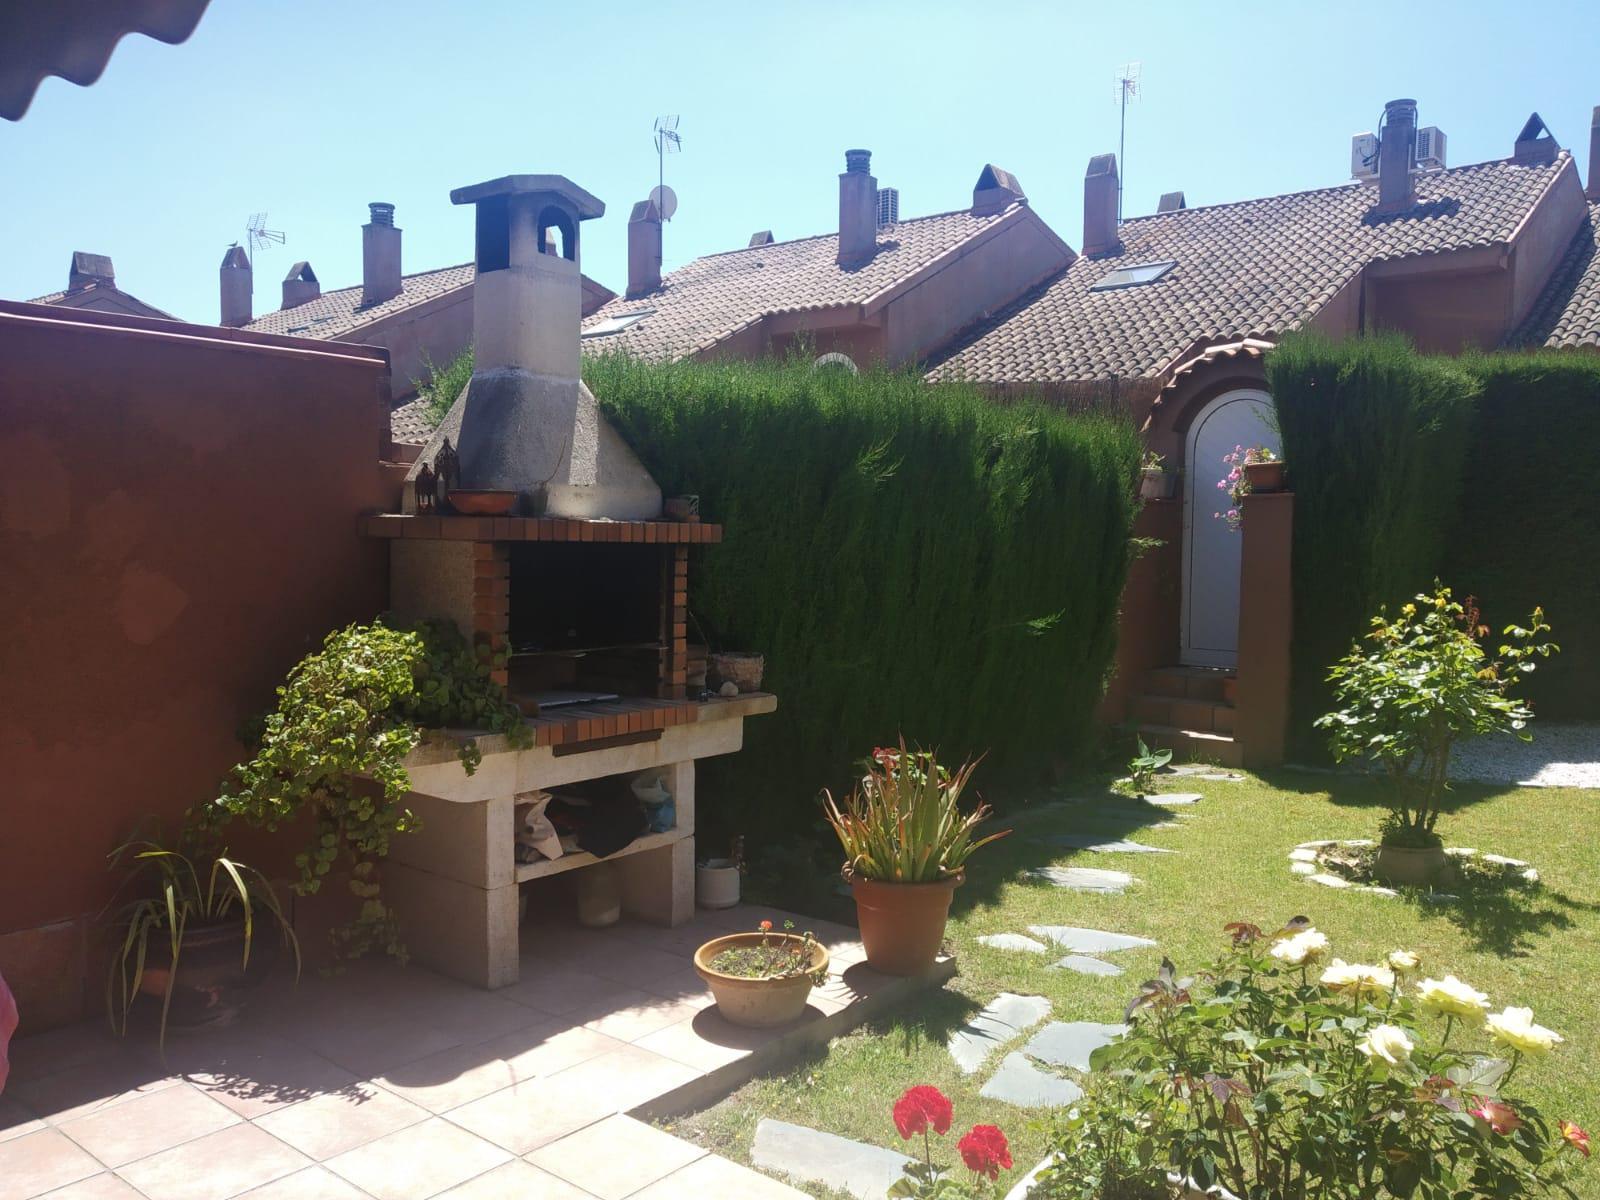 226494 - Sant Quirze Parc muy cerca de Av. del Vallés